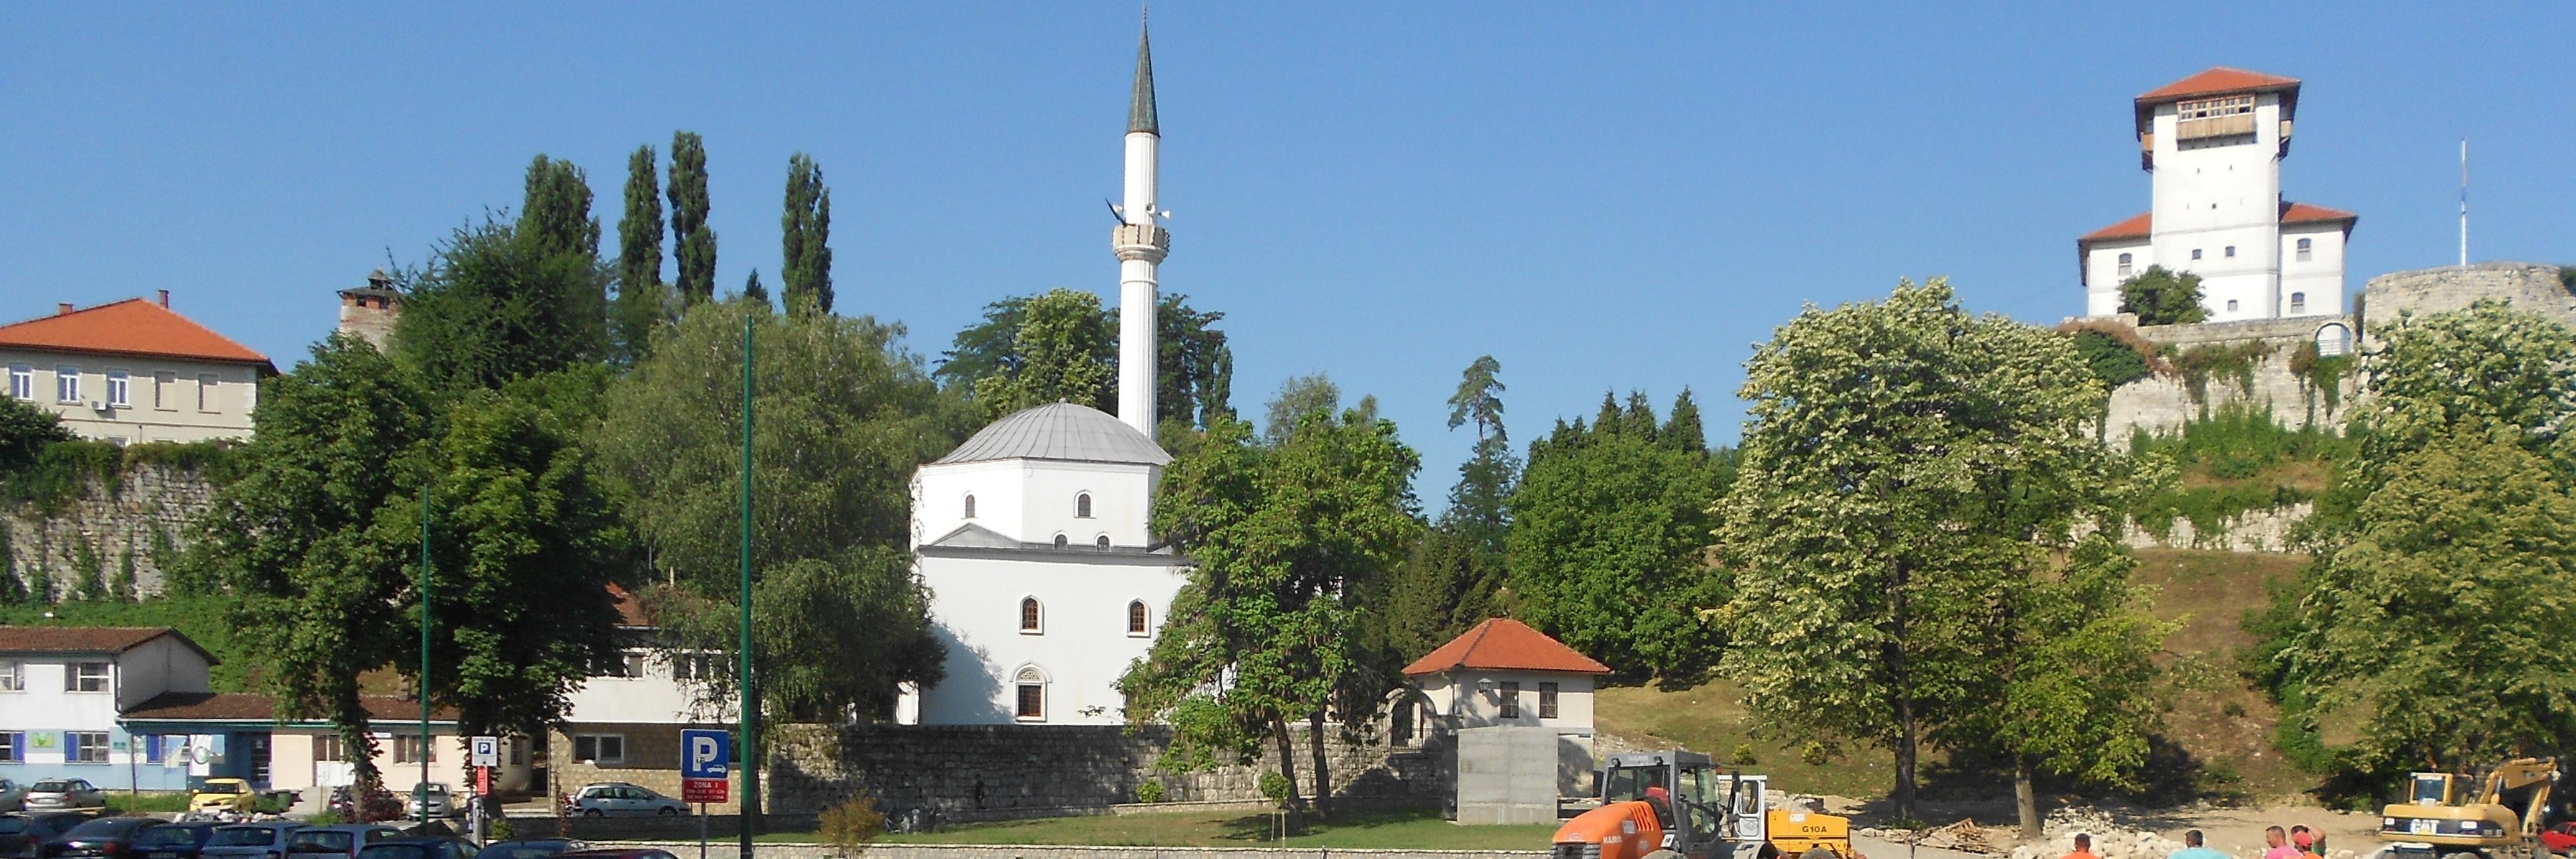 Мечеть Хусеина Градашчевича